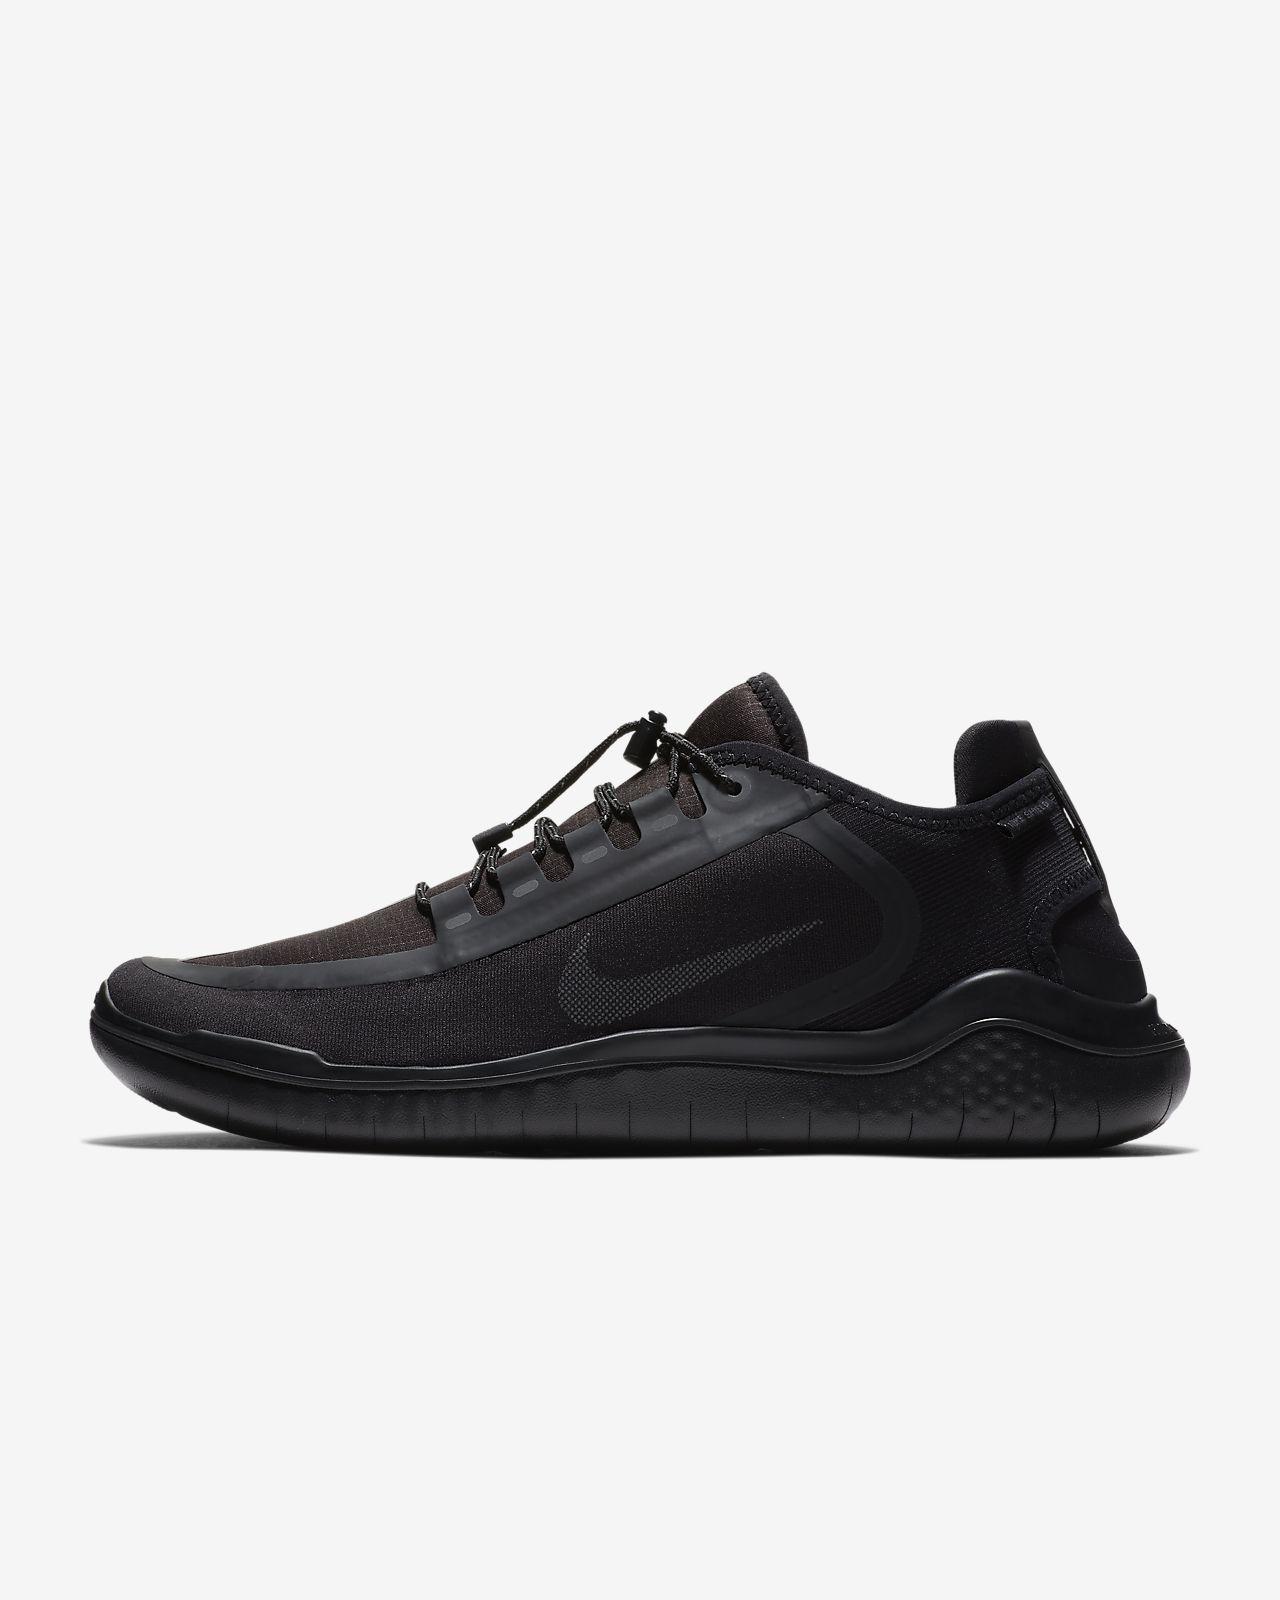 2018 Be Nike Rn Homme Homme Homme Free De Pour Running Shield Chaussure 1qSFw | Une Grande Variété De Marchandises  | De Qualité Supérieure  | Shop  | Belle En Couleurs  b5ac47